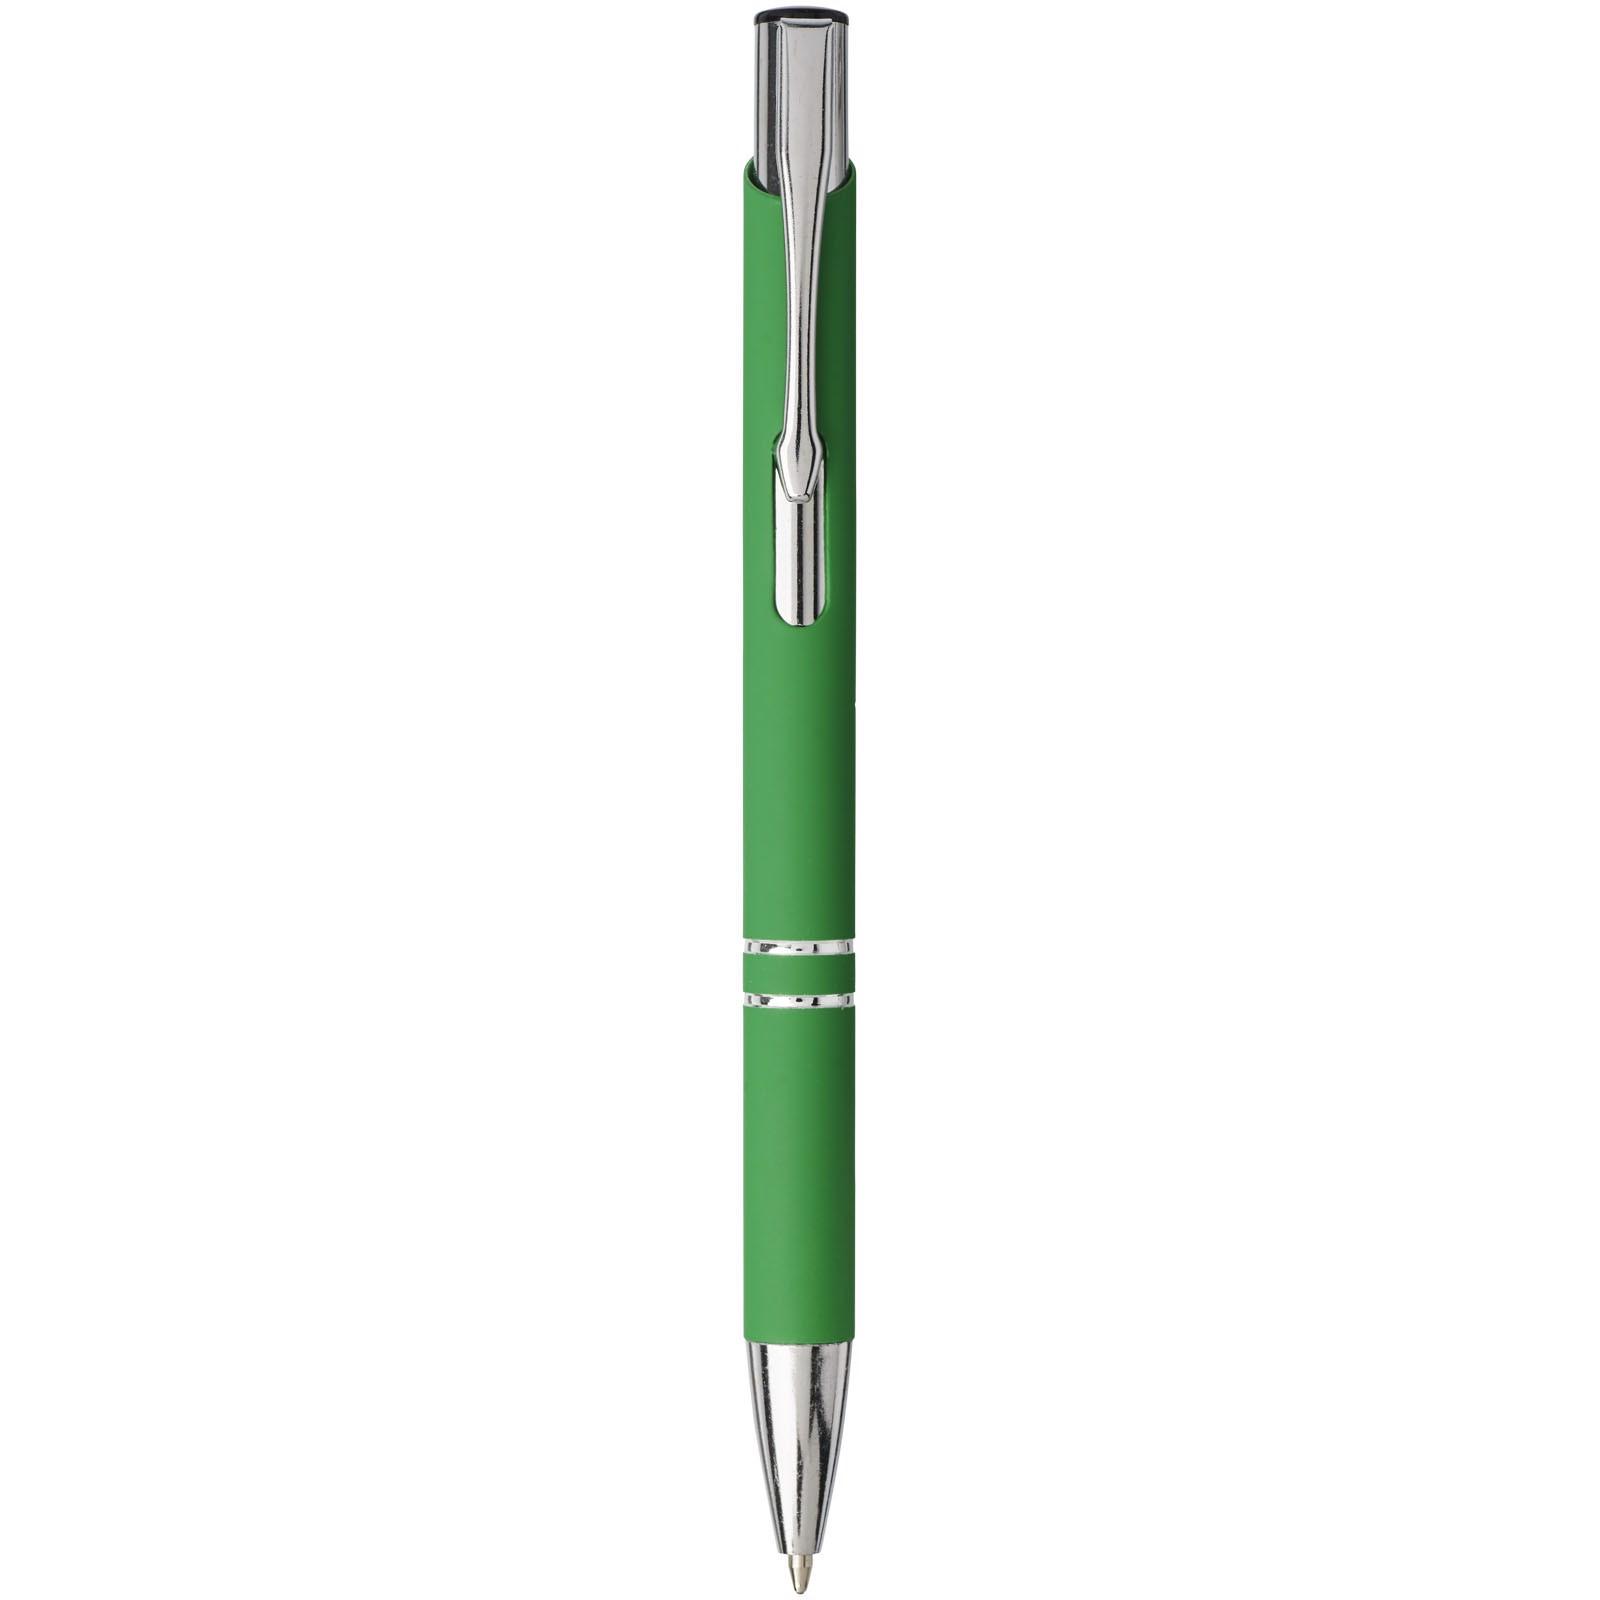 Moneta stiskací kuličkové pero s jemným úchopem - Zelená